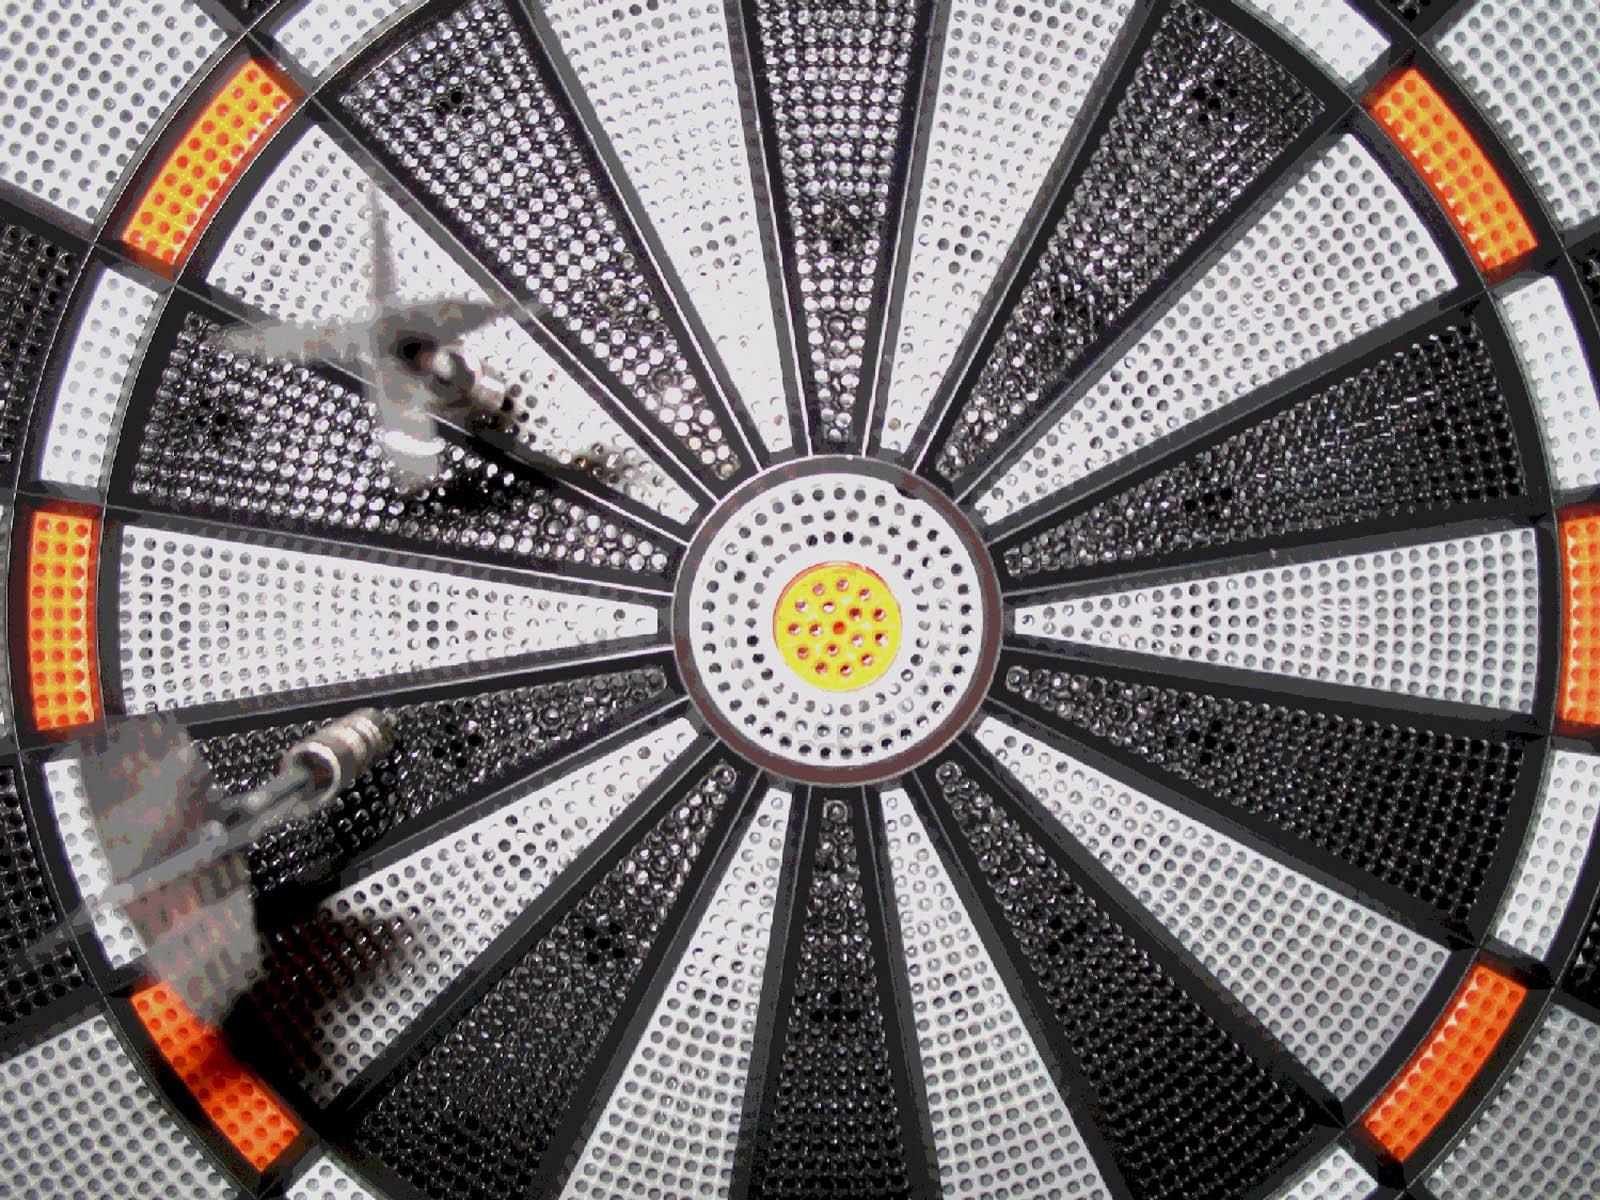 http://4.bp.blogspot.com/-2n7gDmTvZd8/URFb3_B8srI/AAAAAAAAShU/xfoO5FCR9Uo/s1600/Darts+Wallpapers+07.jpg